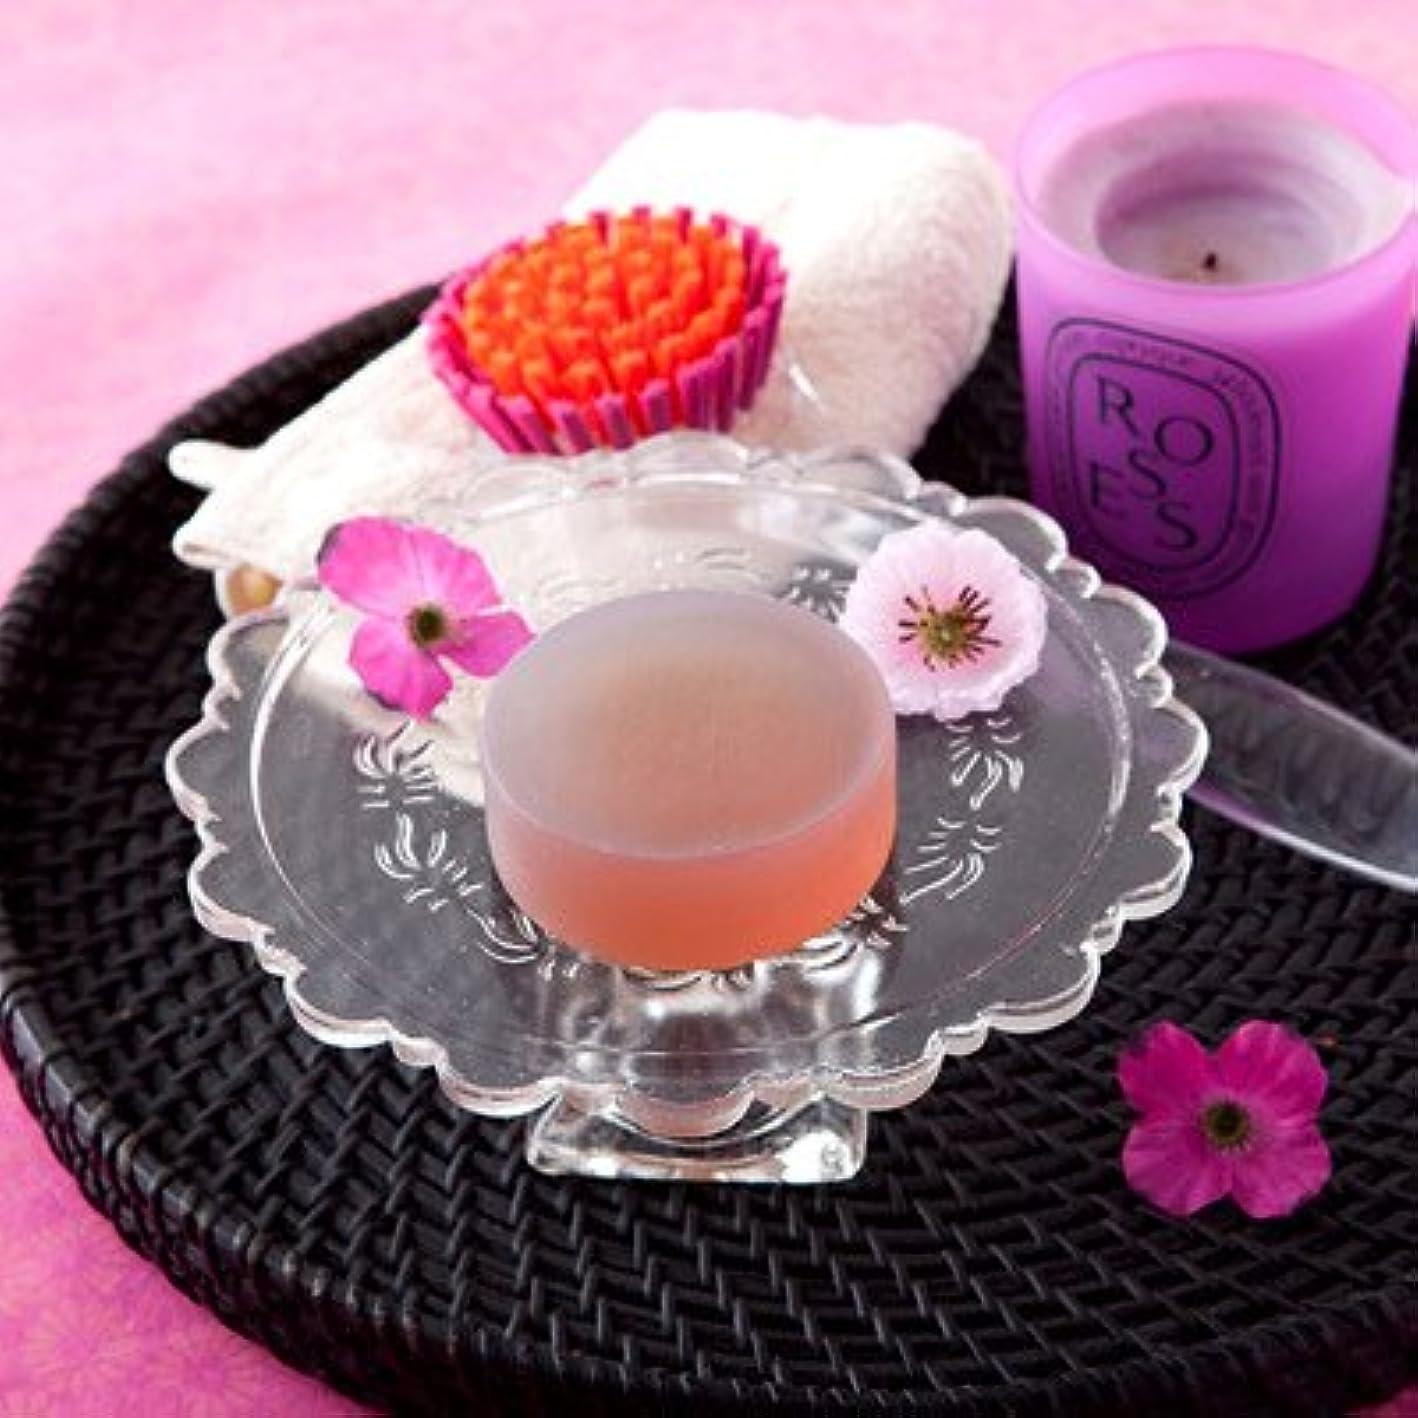 食欲珍しい立法お肌の弱い方も安心なクリアソープセット ペアローザ エステソープ 紫潤(2個セット)